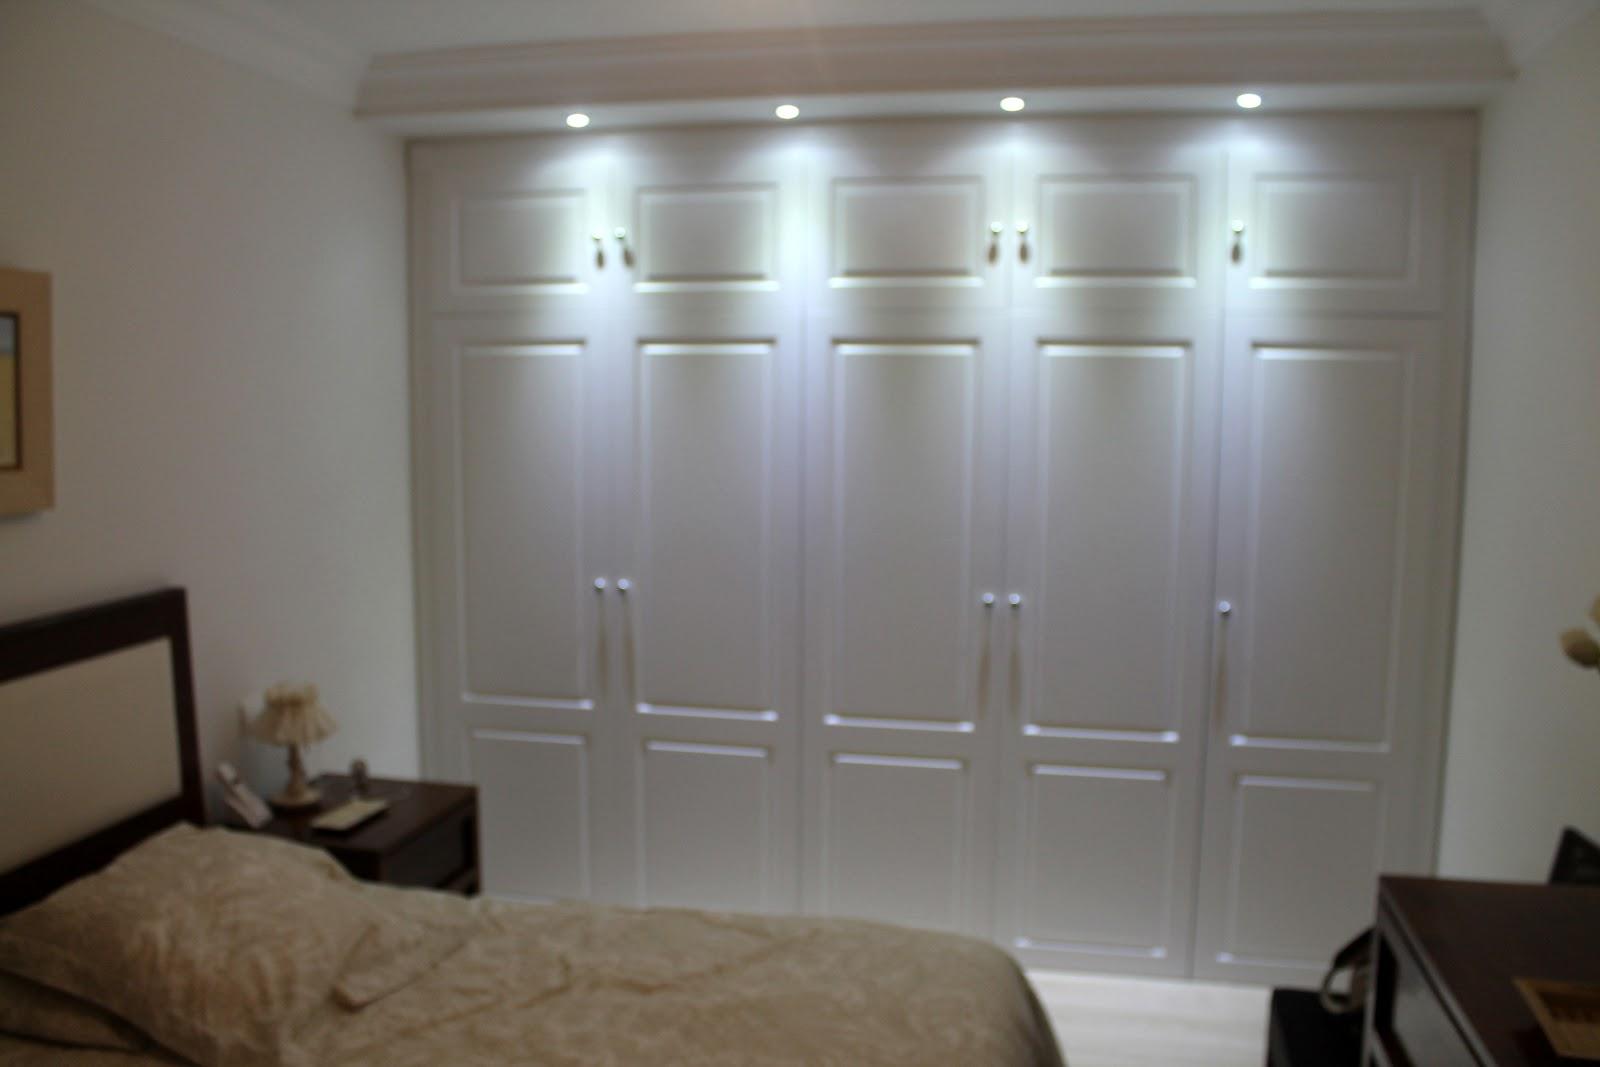 Frente de armario lacado en blanco con puerta abatible - Armarios en blanco ...